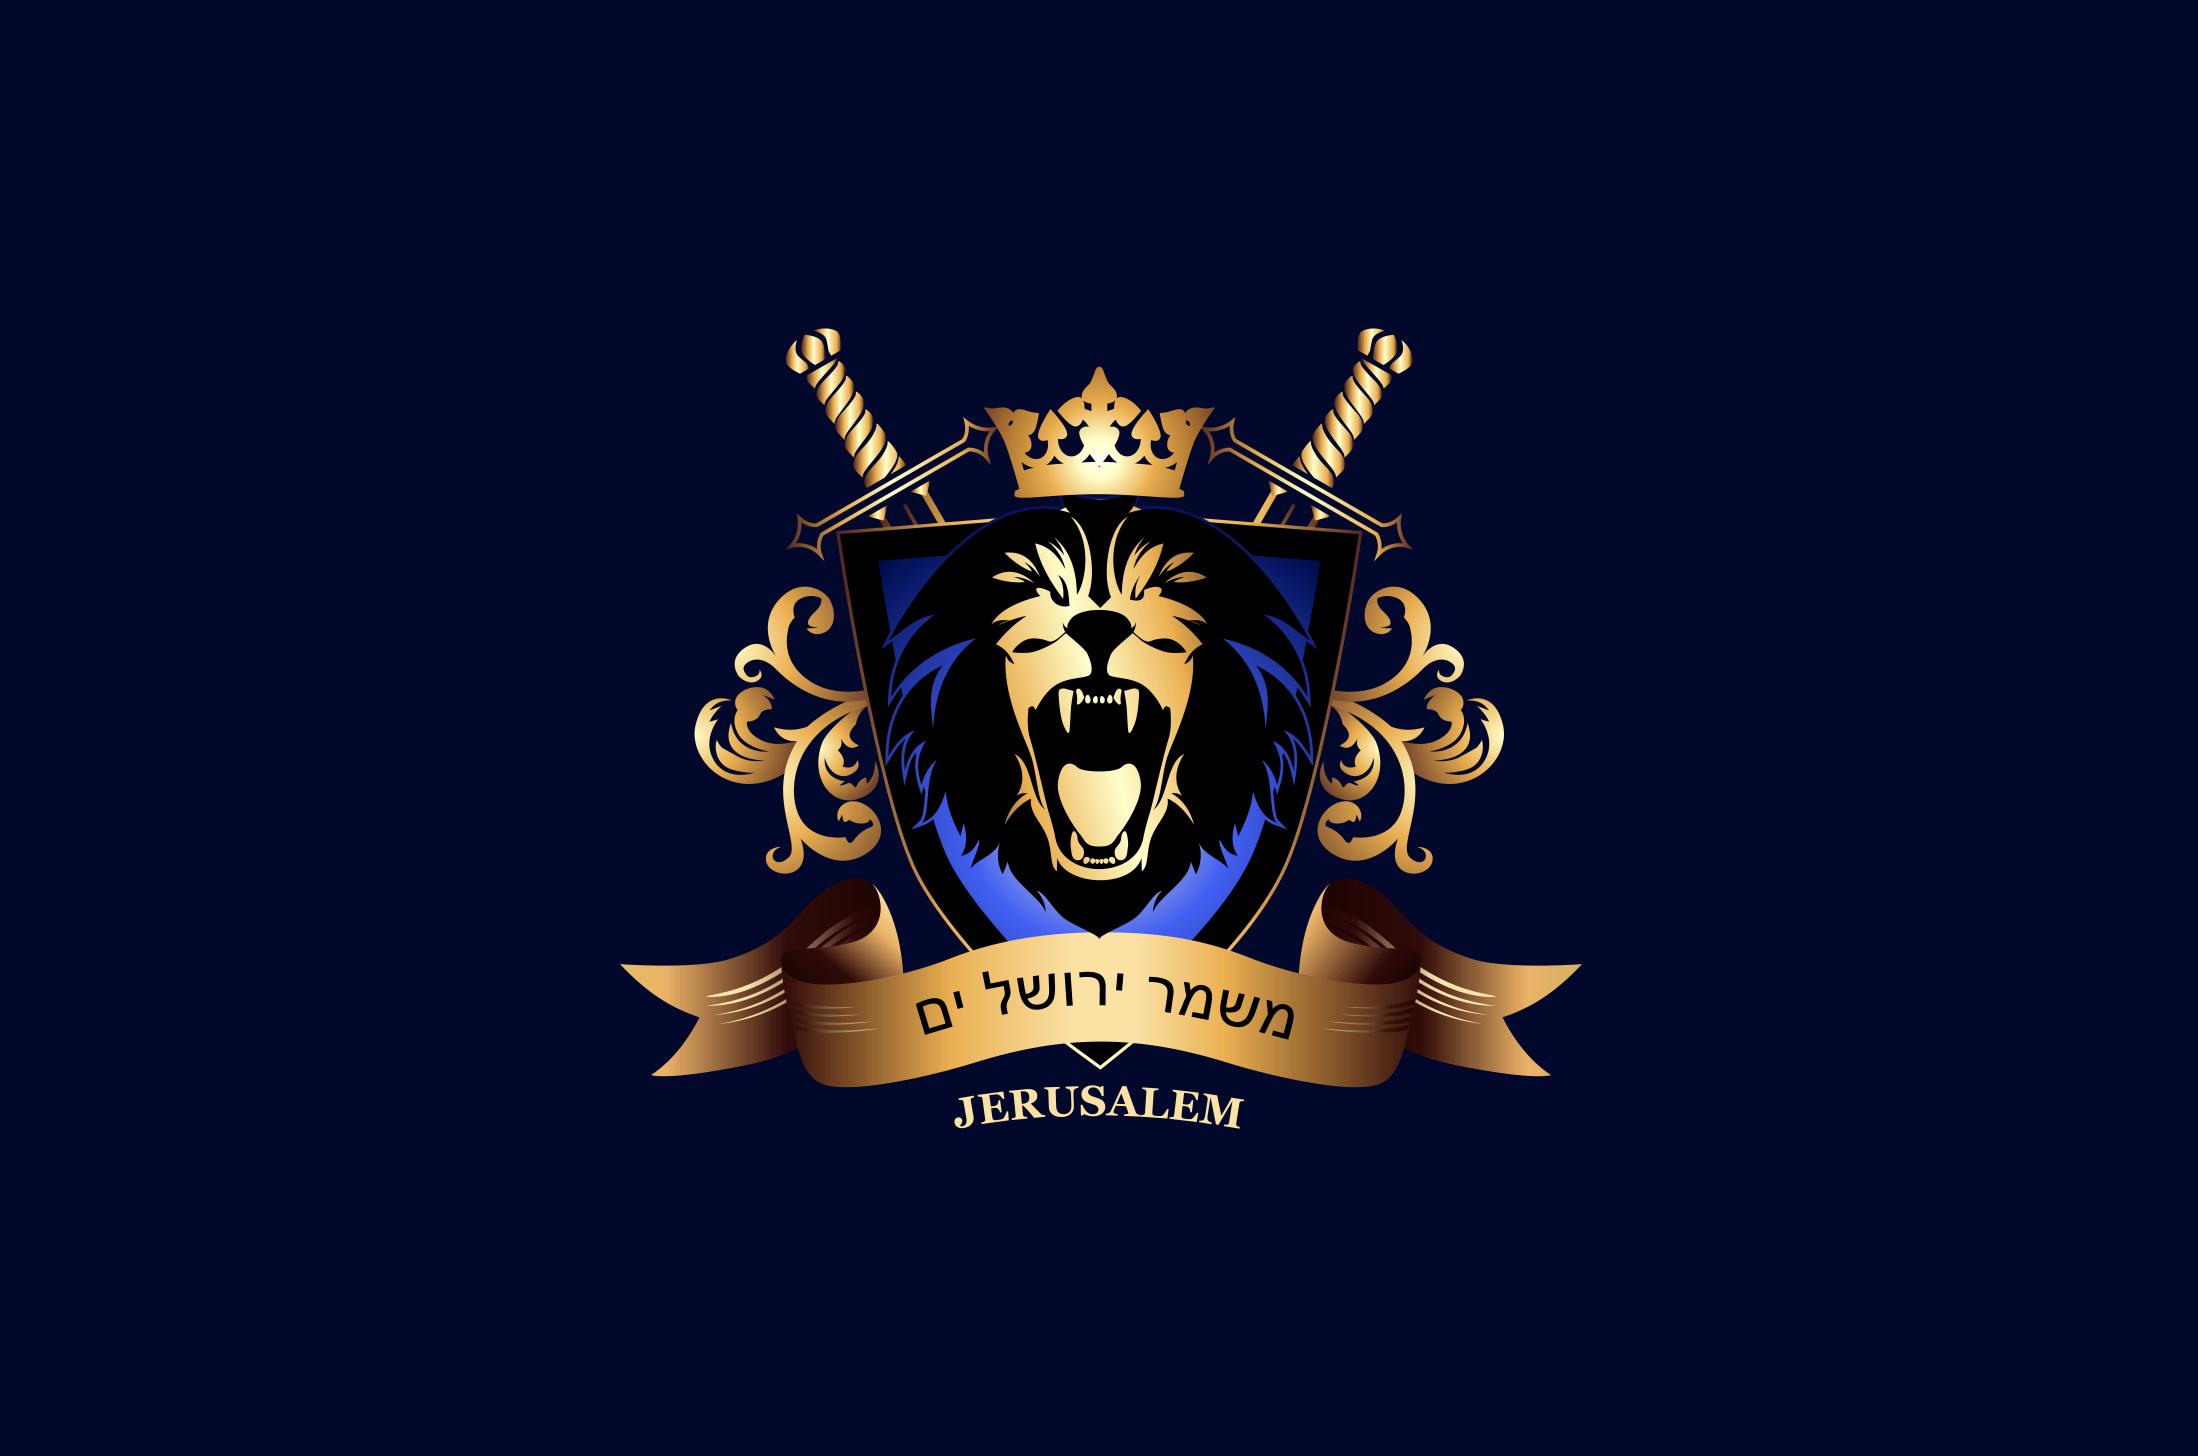 Разработка логотипа. Компания Страж Иерусалима фото f_79551ed46bfac5f9.png